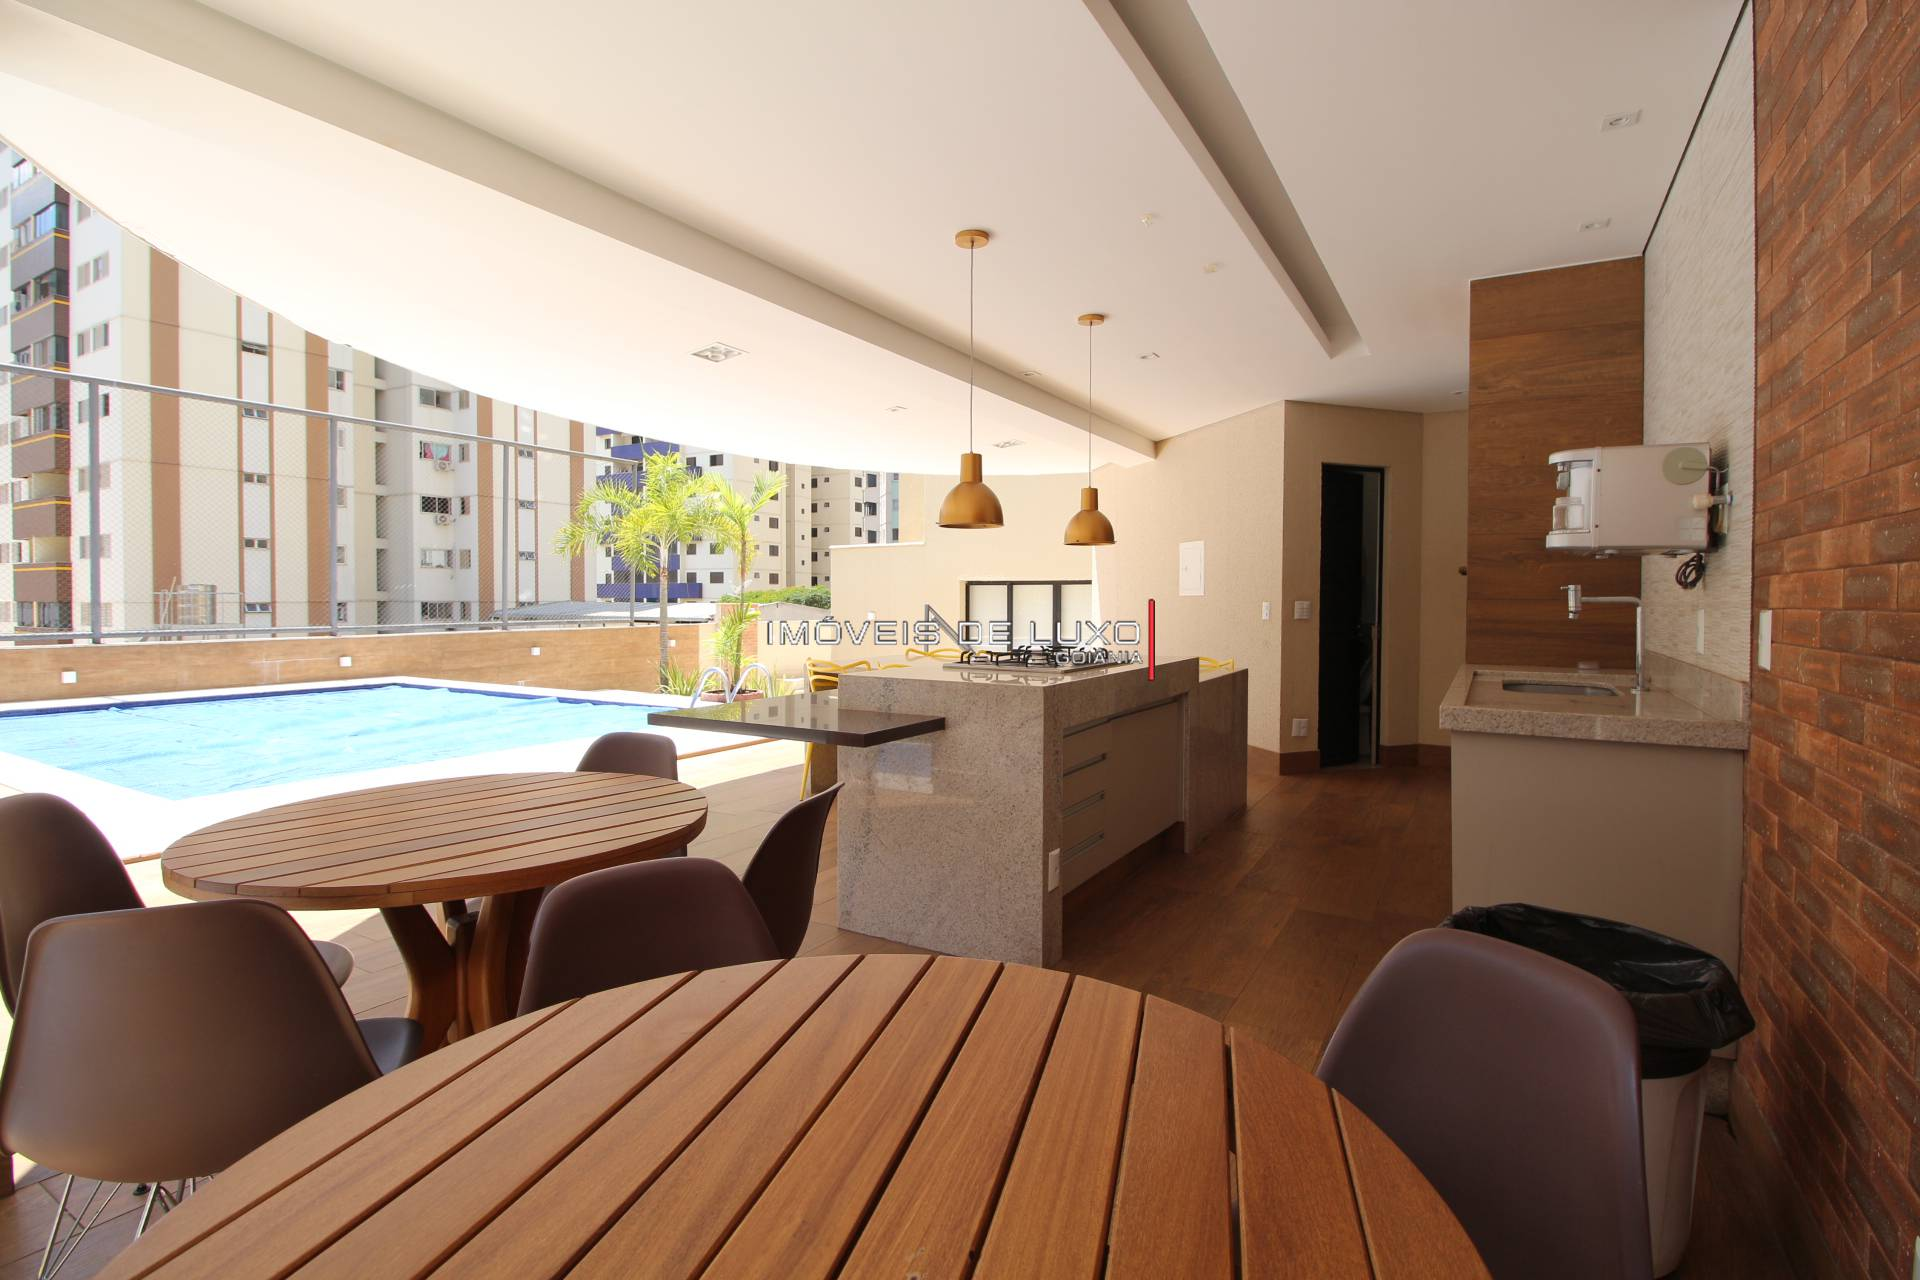 Imóveis de Luxo - Apartamento 04 suítes, 01 por Andar no Setor Bueno